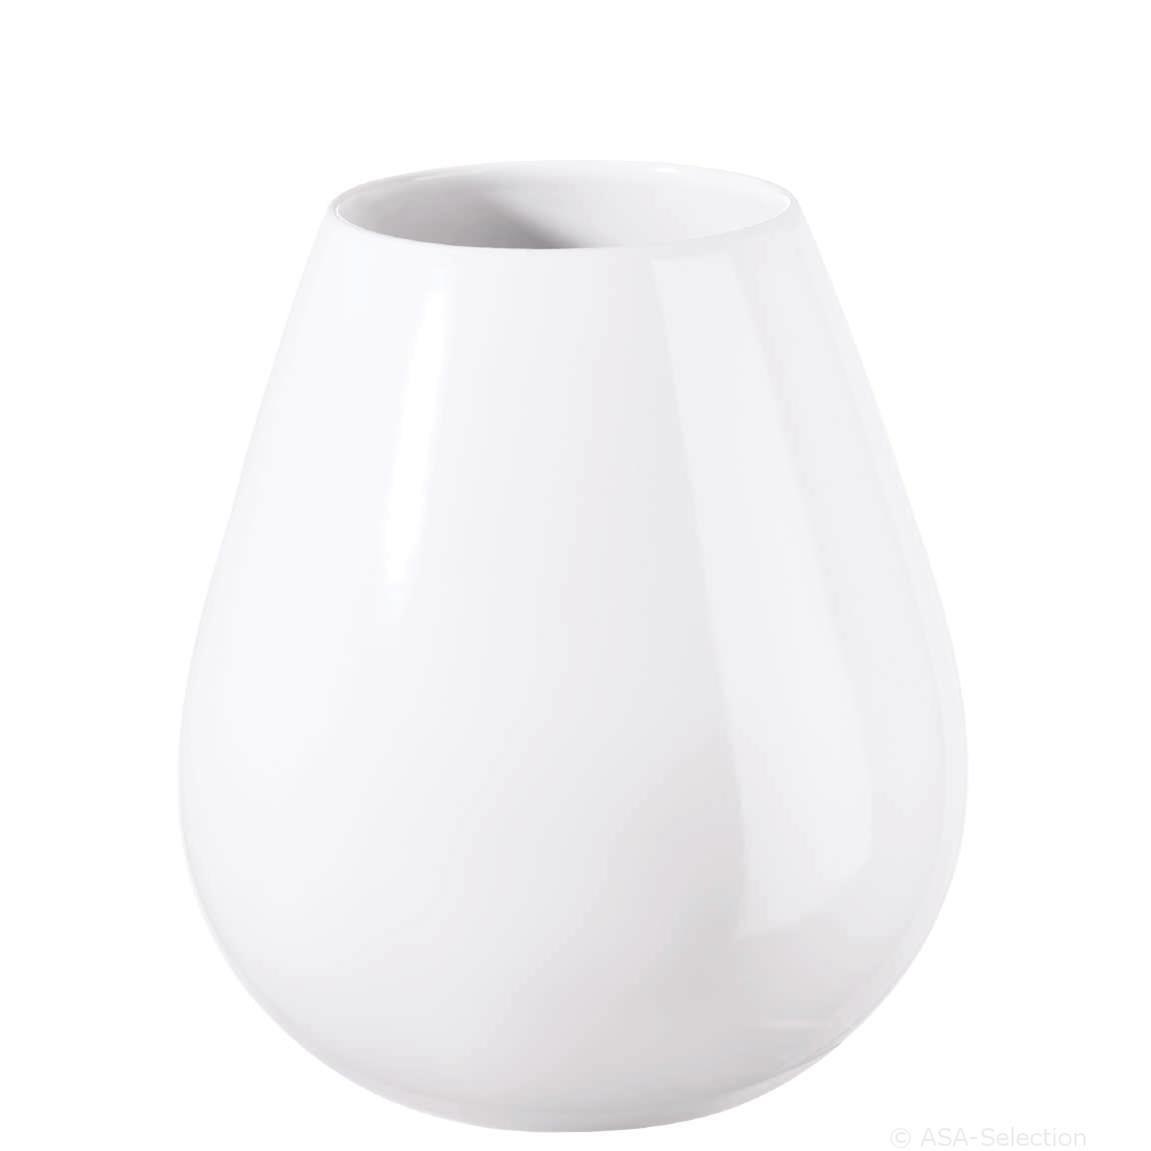 Váza EASE XL 32 cm_1